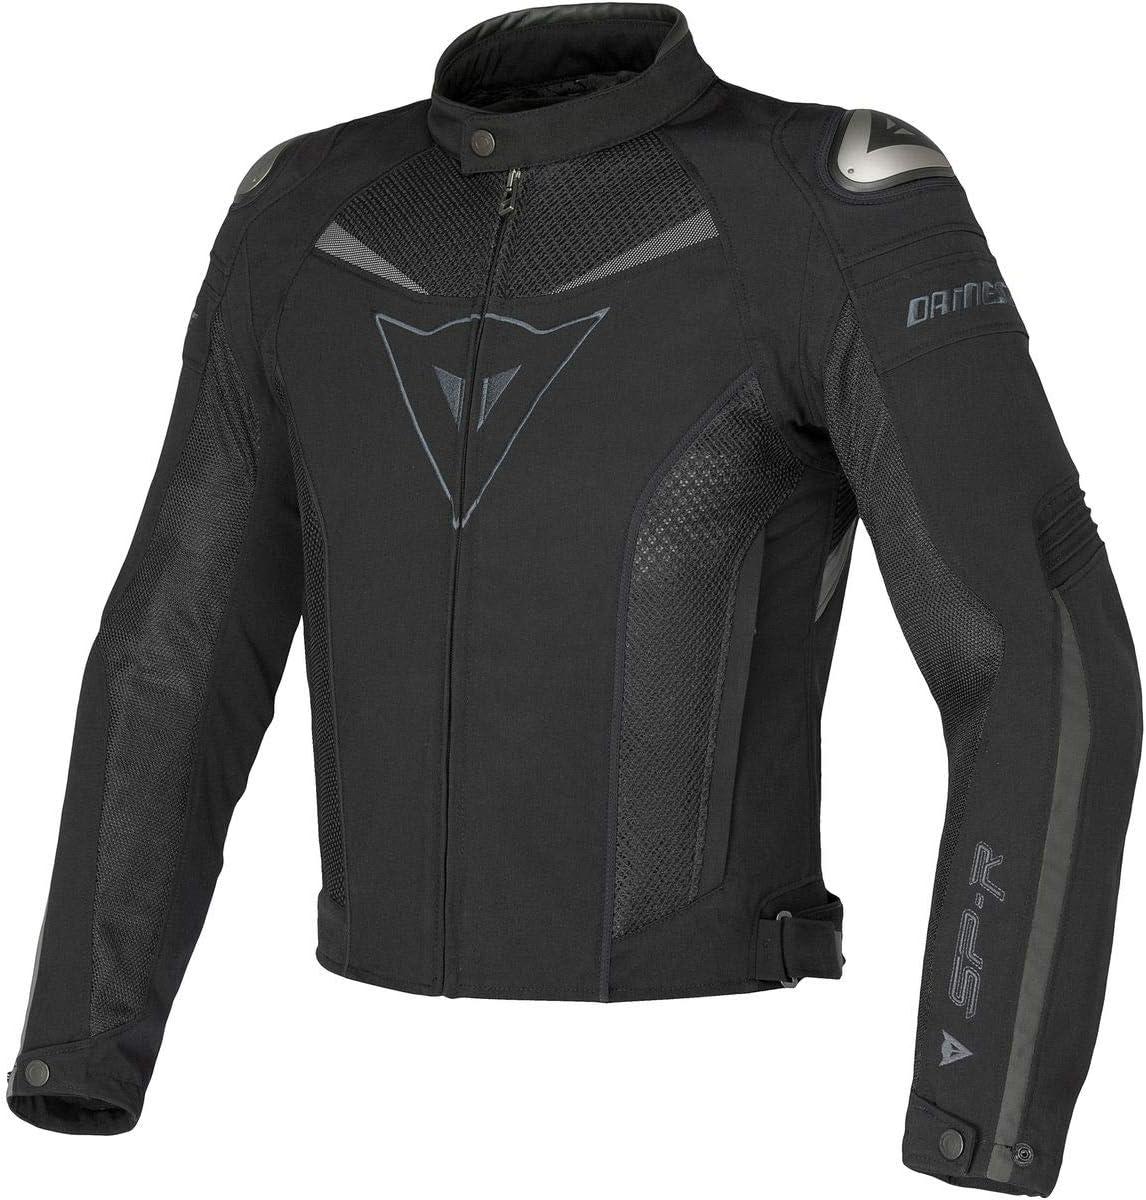 Best Motorcycle Jacket 2021